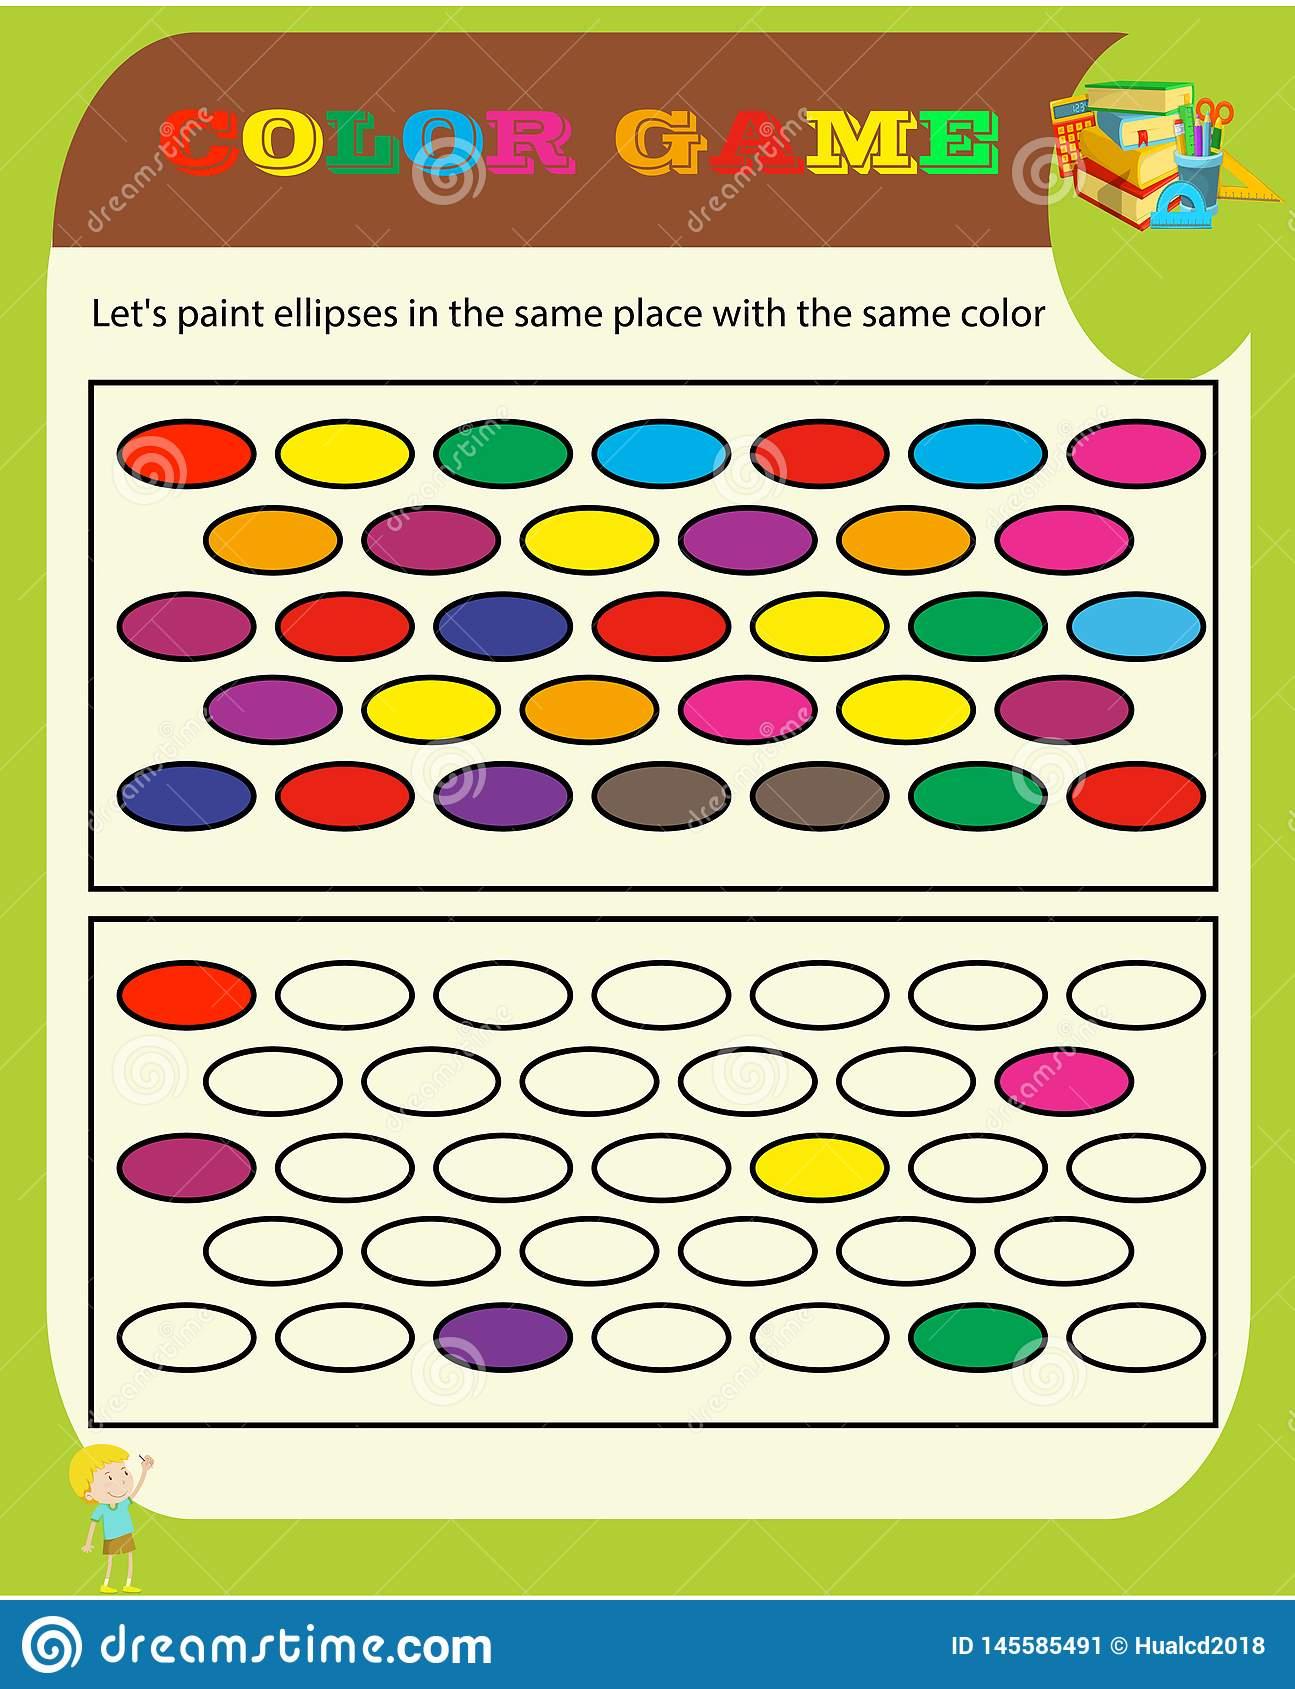 Jeu De Sudoku De Jeu De Couleur Avec Des Images Pour Des dedans Sudoku Pour Enfant